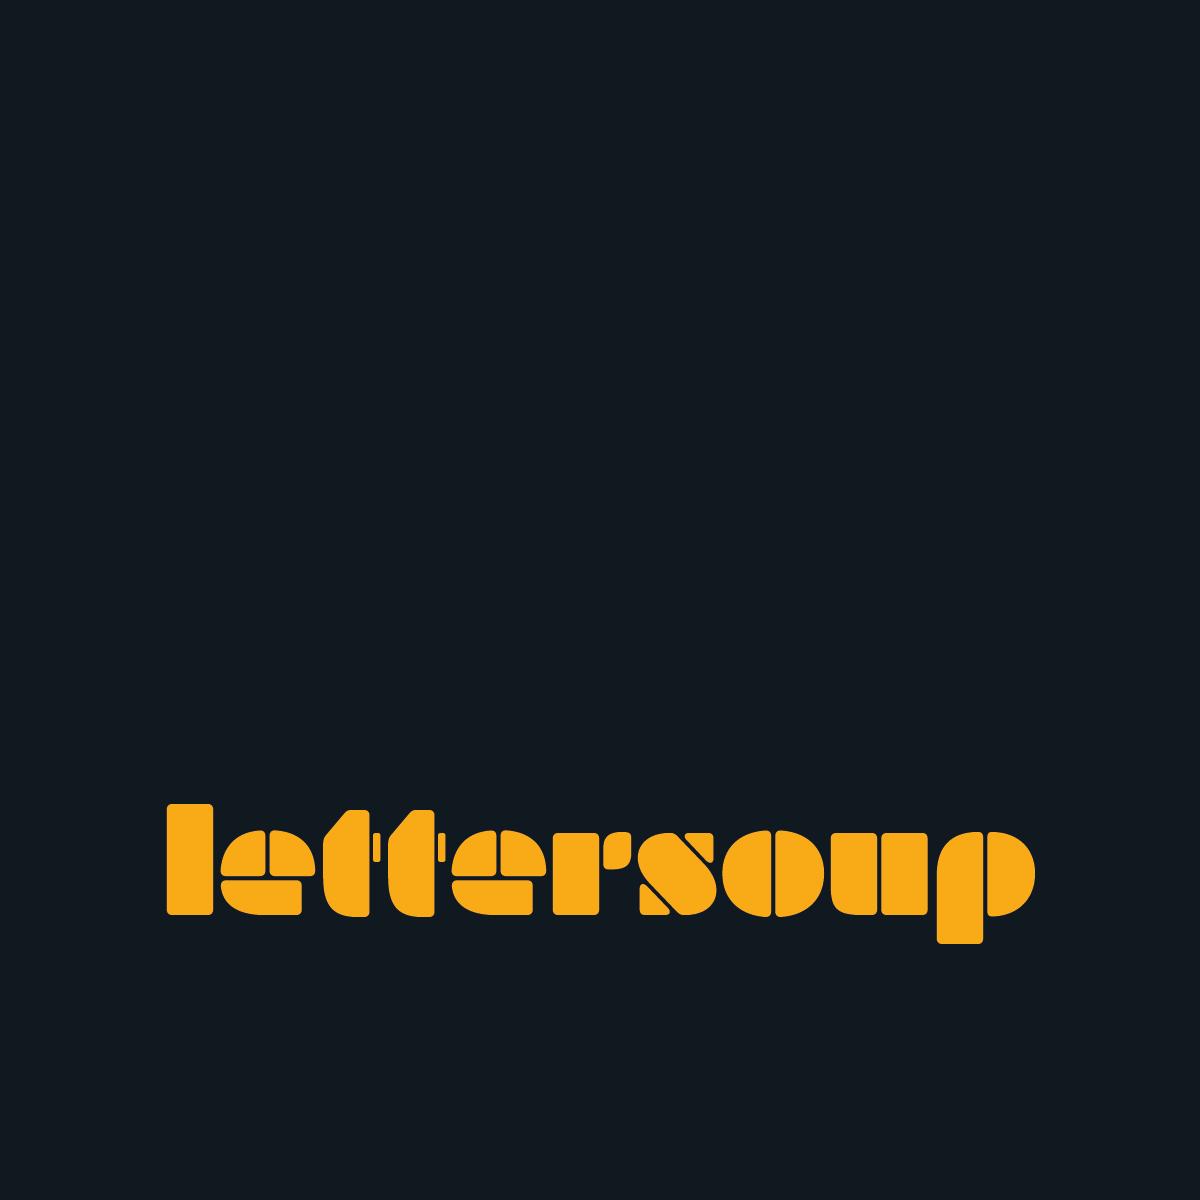 LETTERSOUP